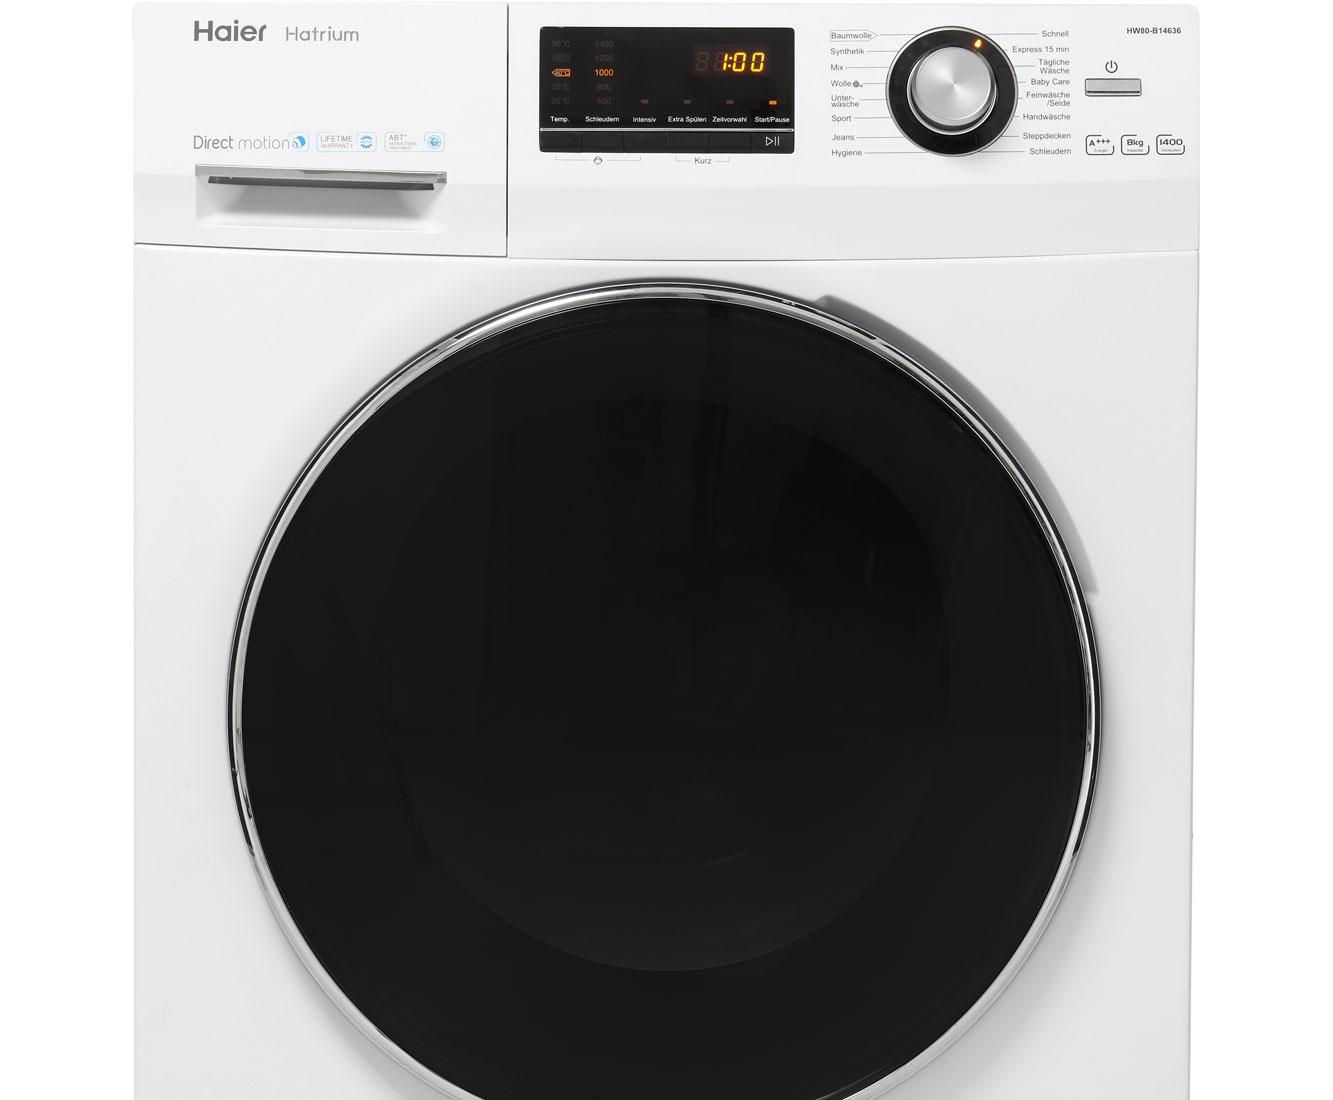 Haier HW80-B14636 Waschmaschine, 8 kg, 1400 U/Min, A+++ Inkl. lieferung bis in die Wohnung